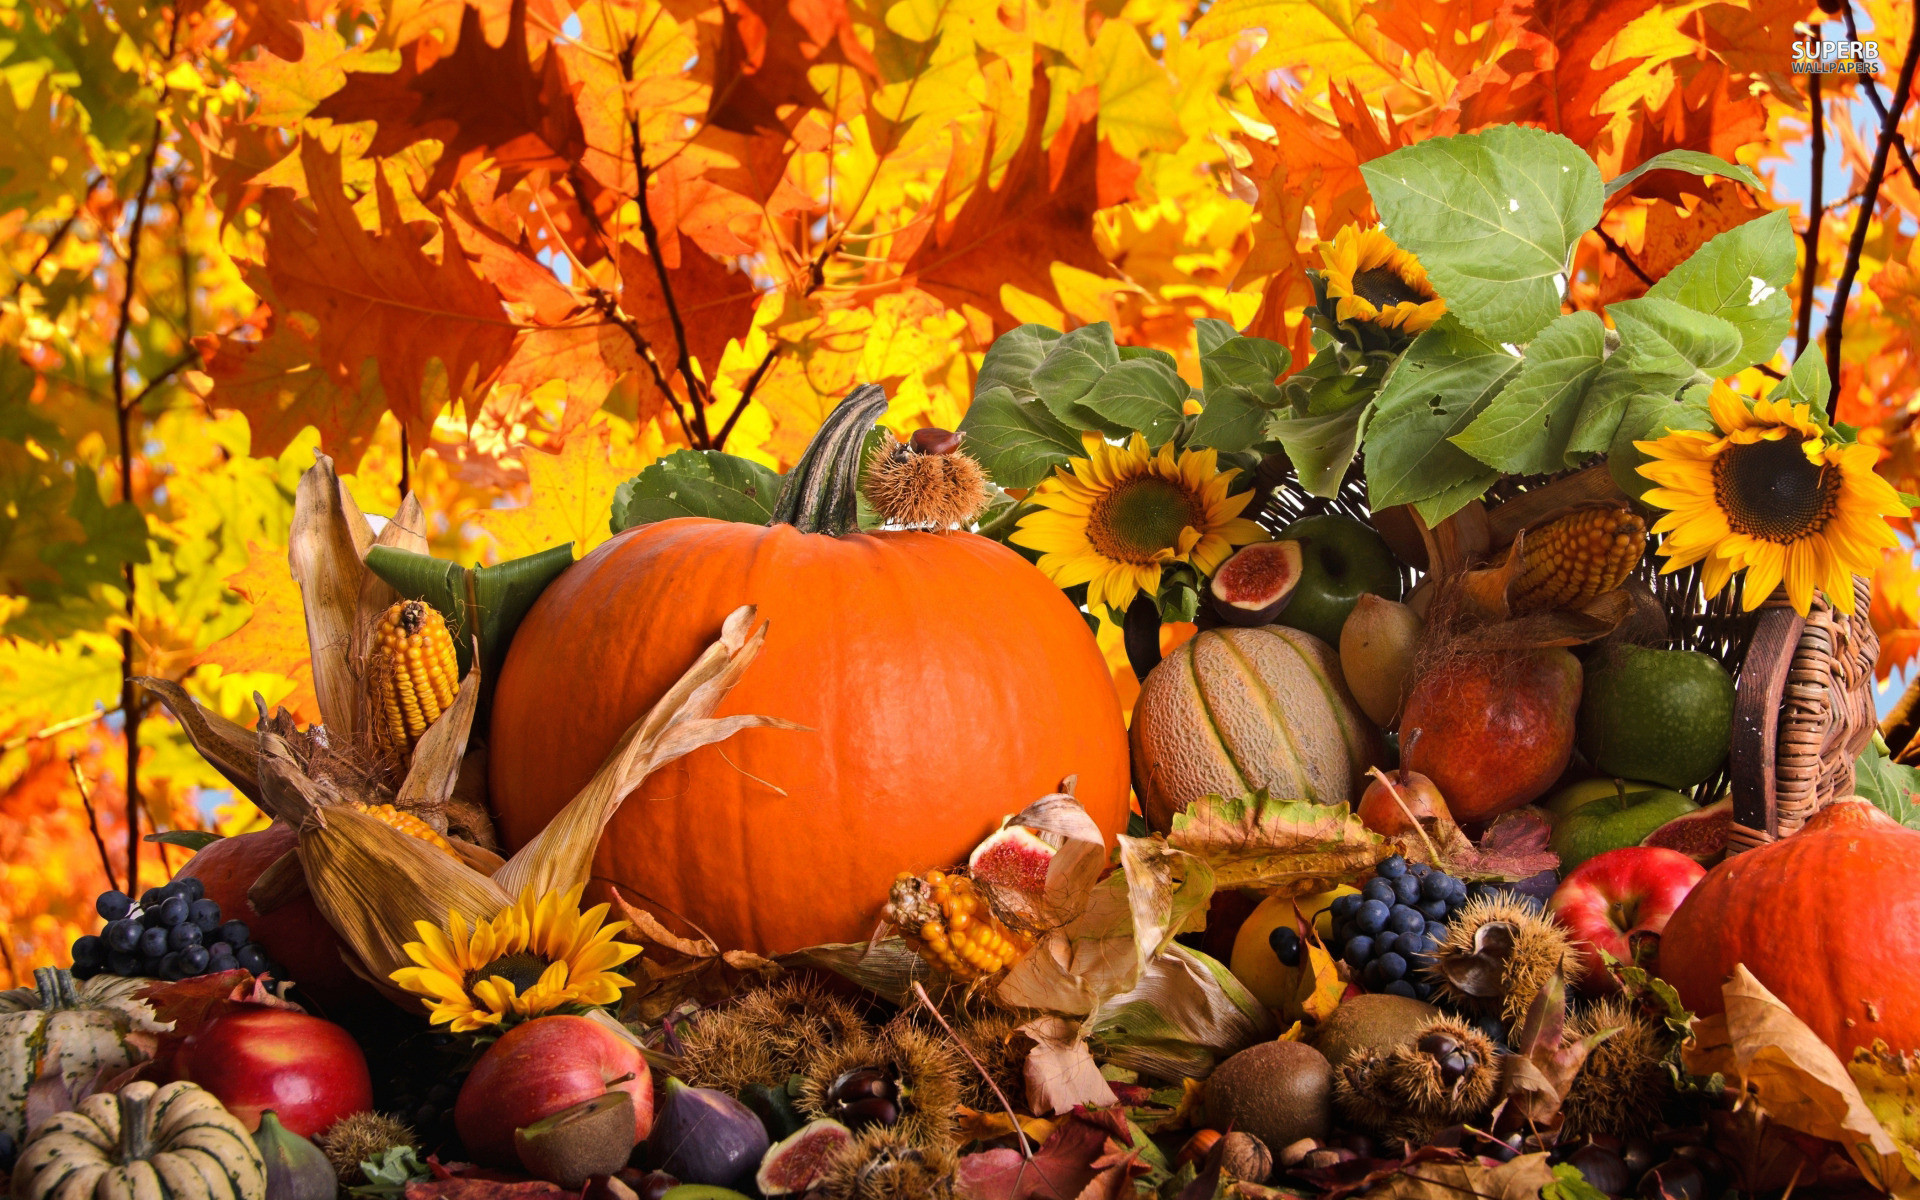 Autumn harvest wallpaper jpg